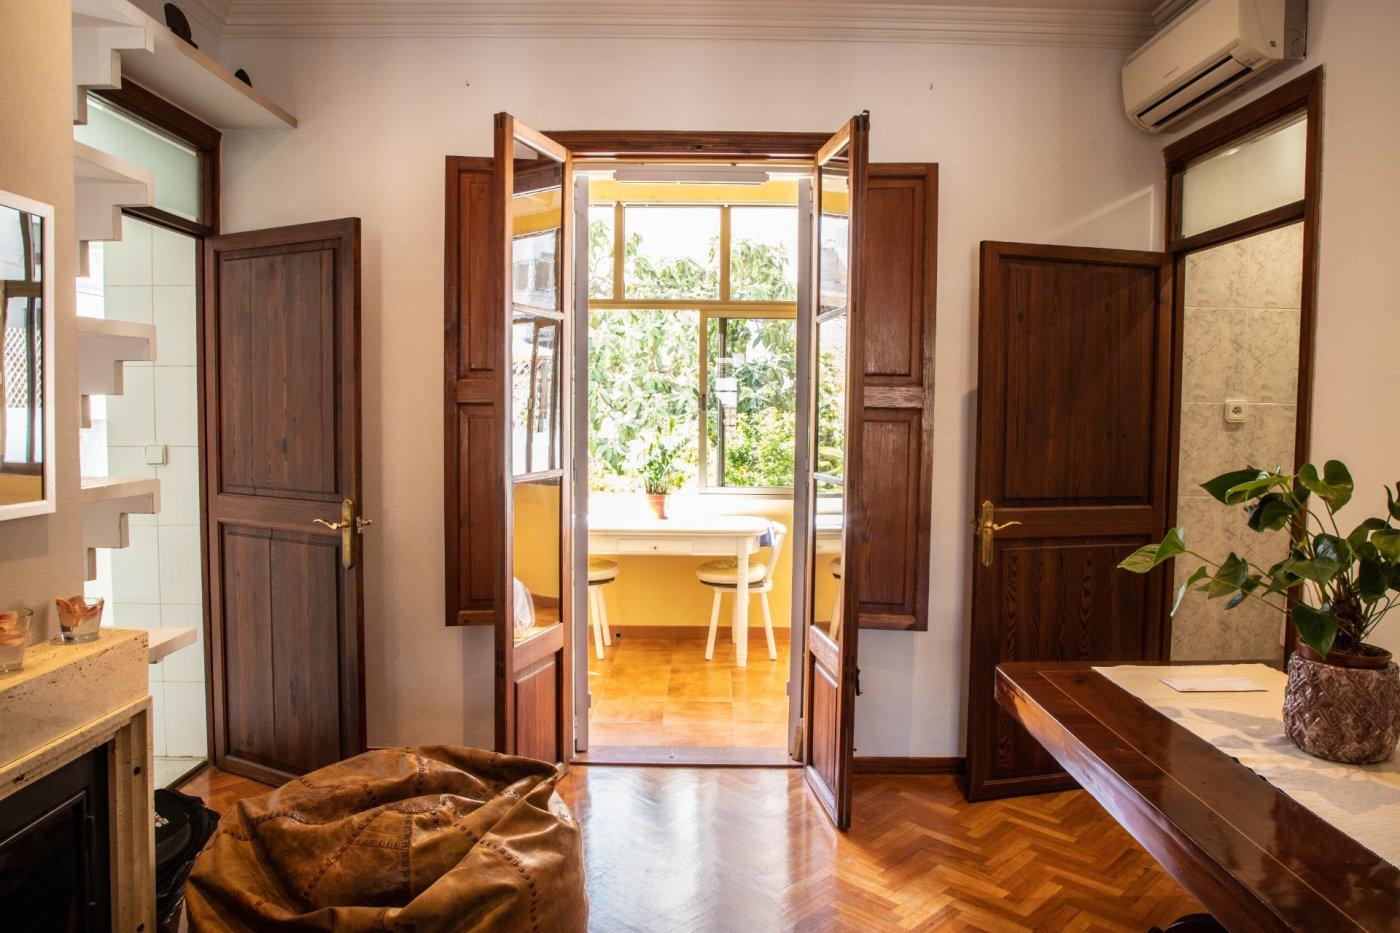 Primer piso con terrado privado en santa catalina - imagenInmueble1